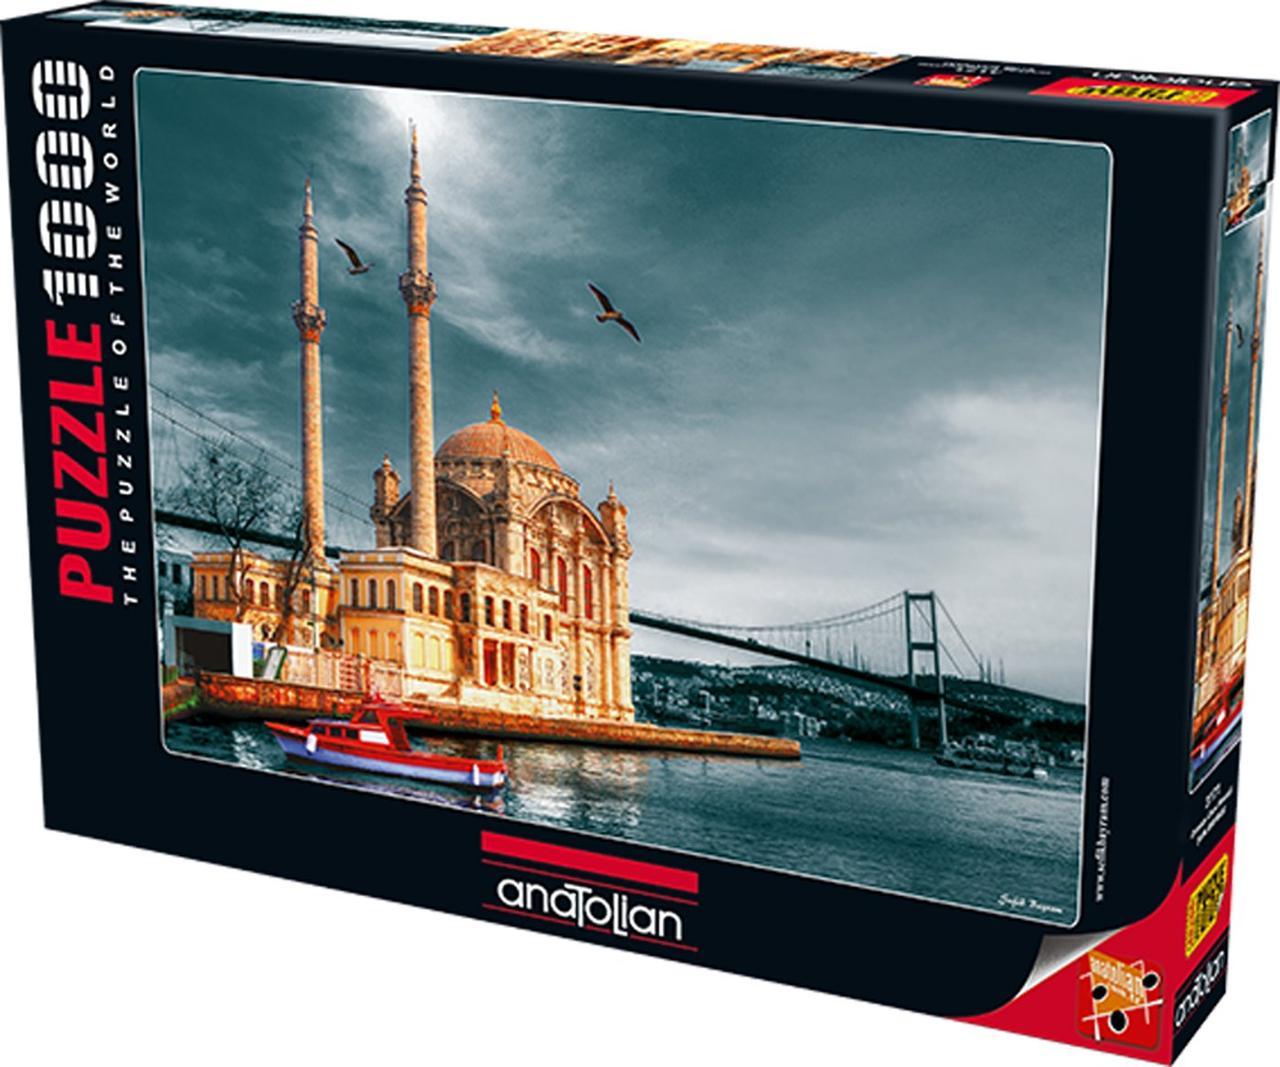 Пазлы 1000 элементов Мечеть Ортакёй (Ностальгия) 3171 Anatolian